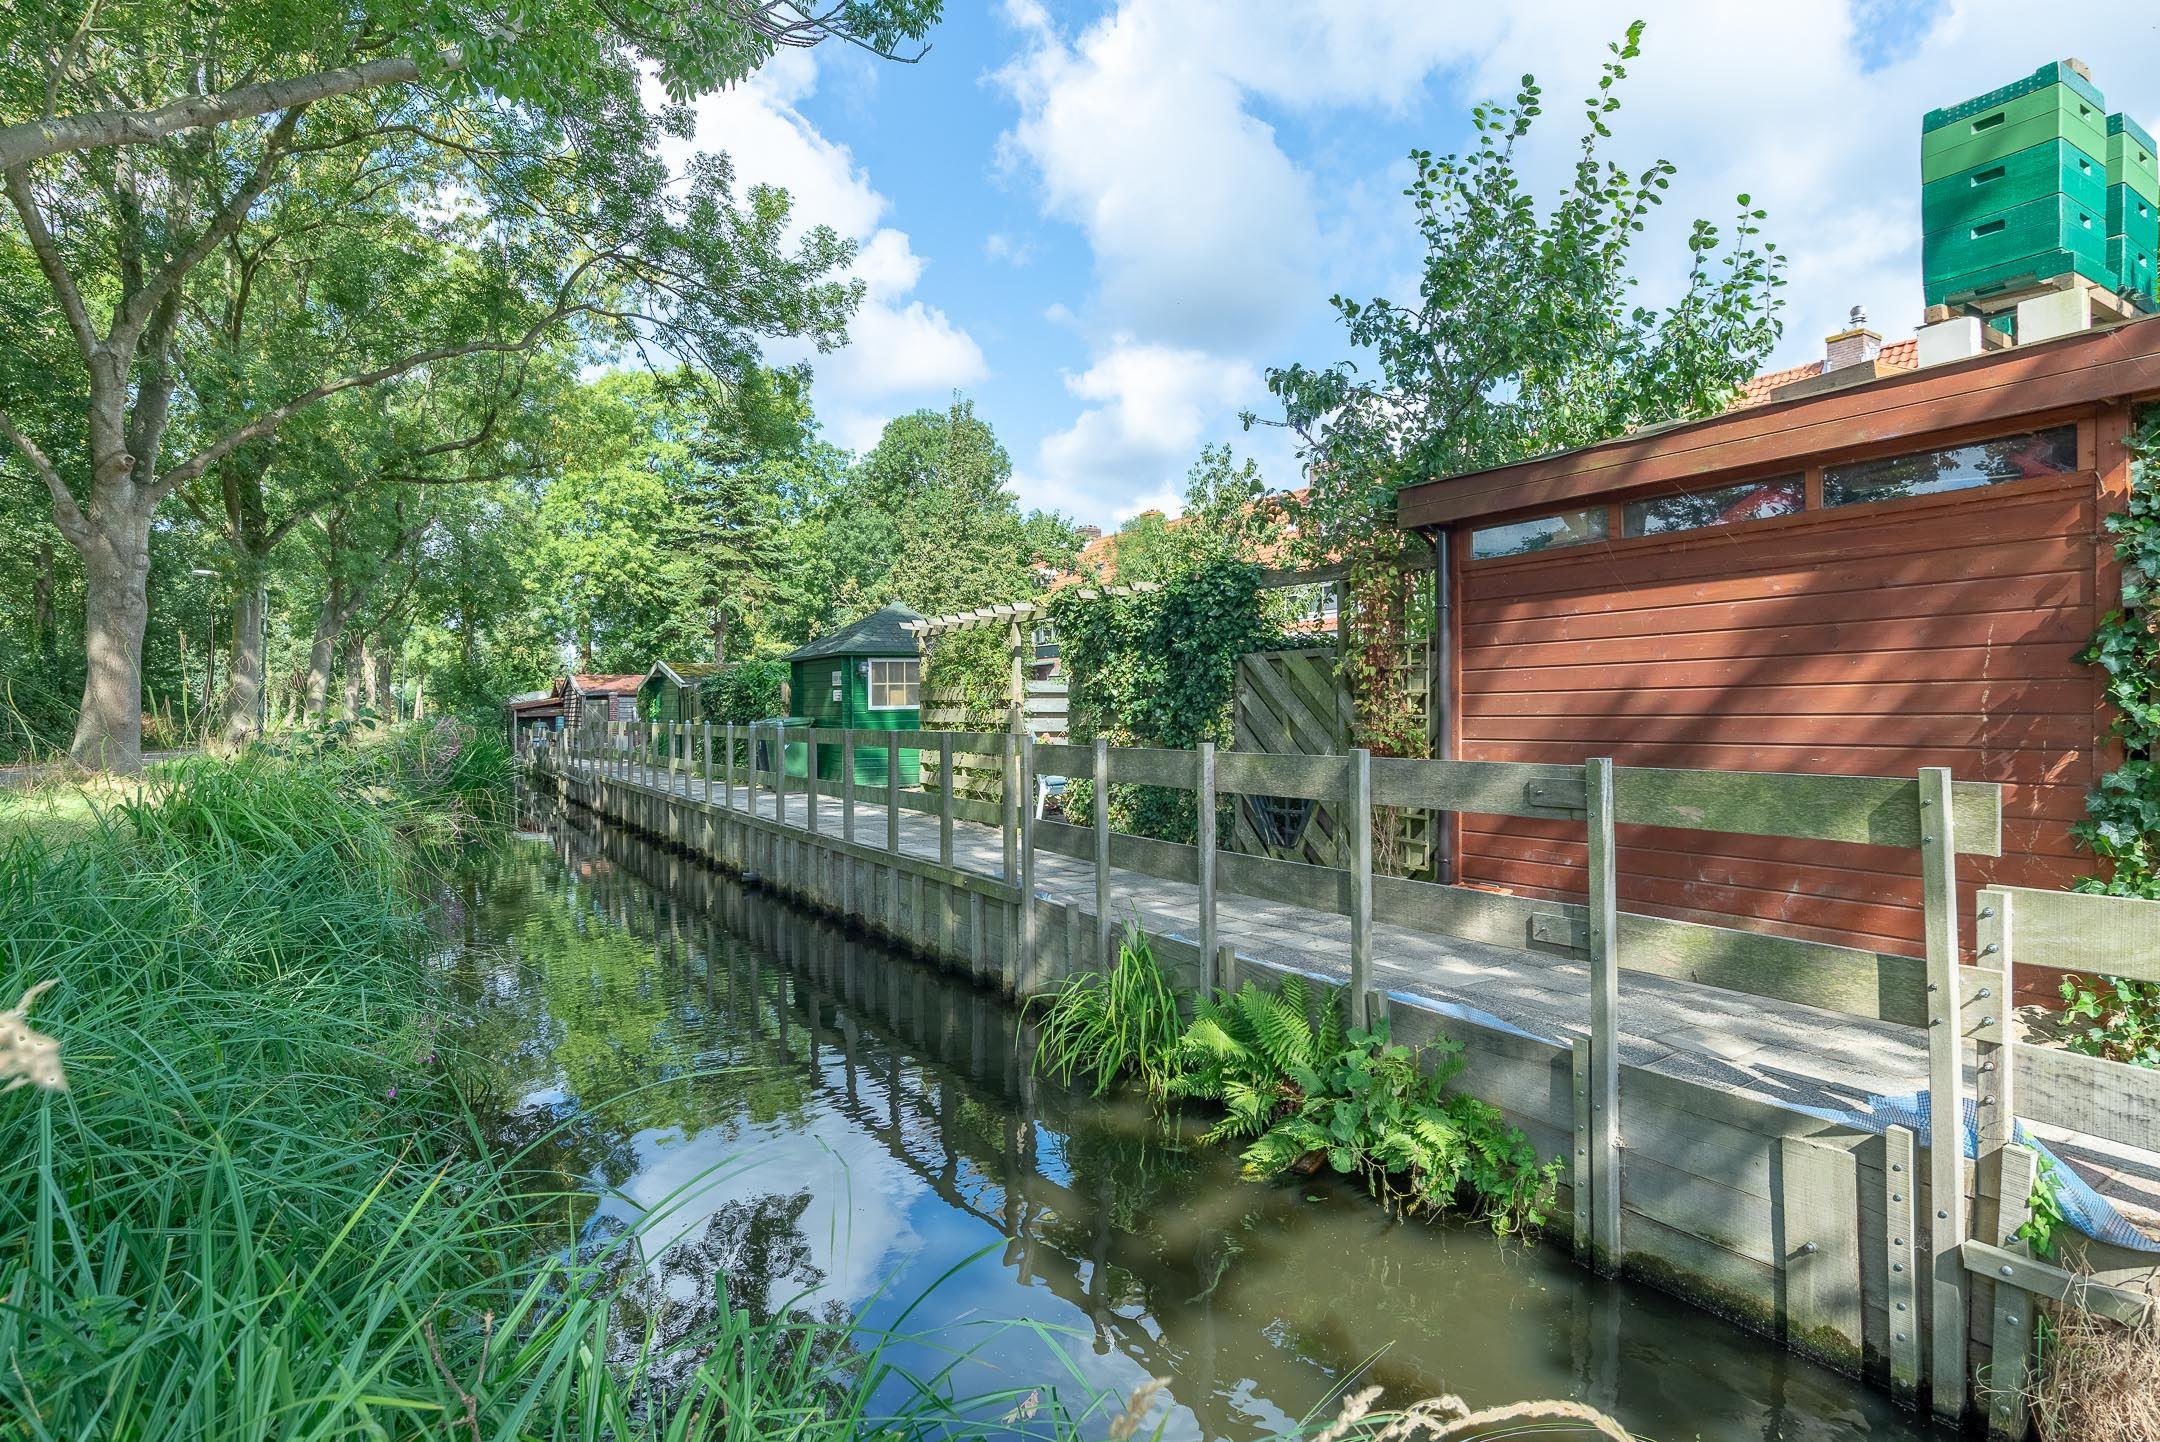 van-der-aart-sportpark-vondelkwartier-haarlem-noord-slaperdijkweg-arbeiderswoningen